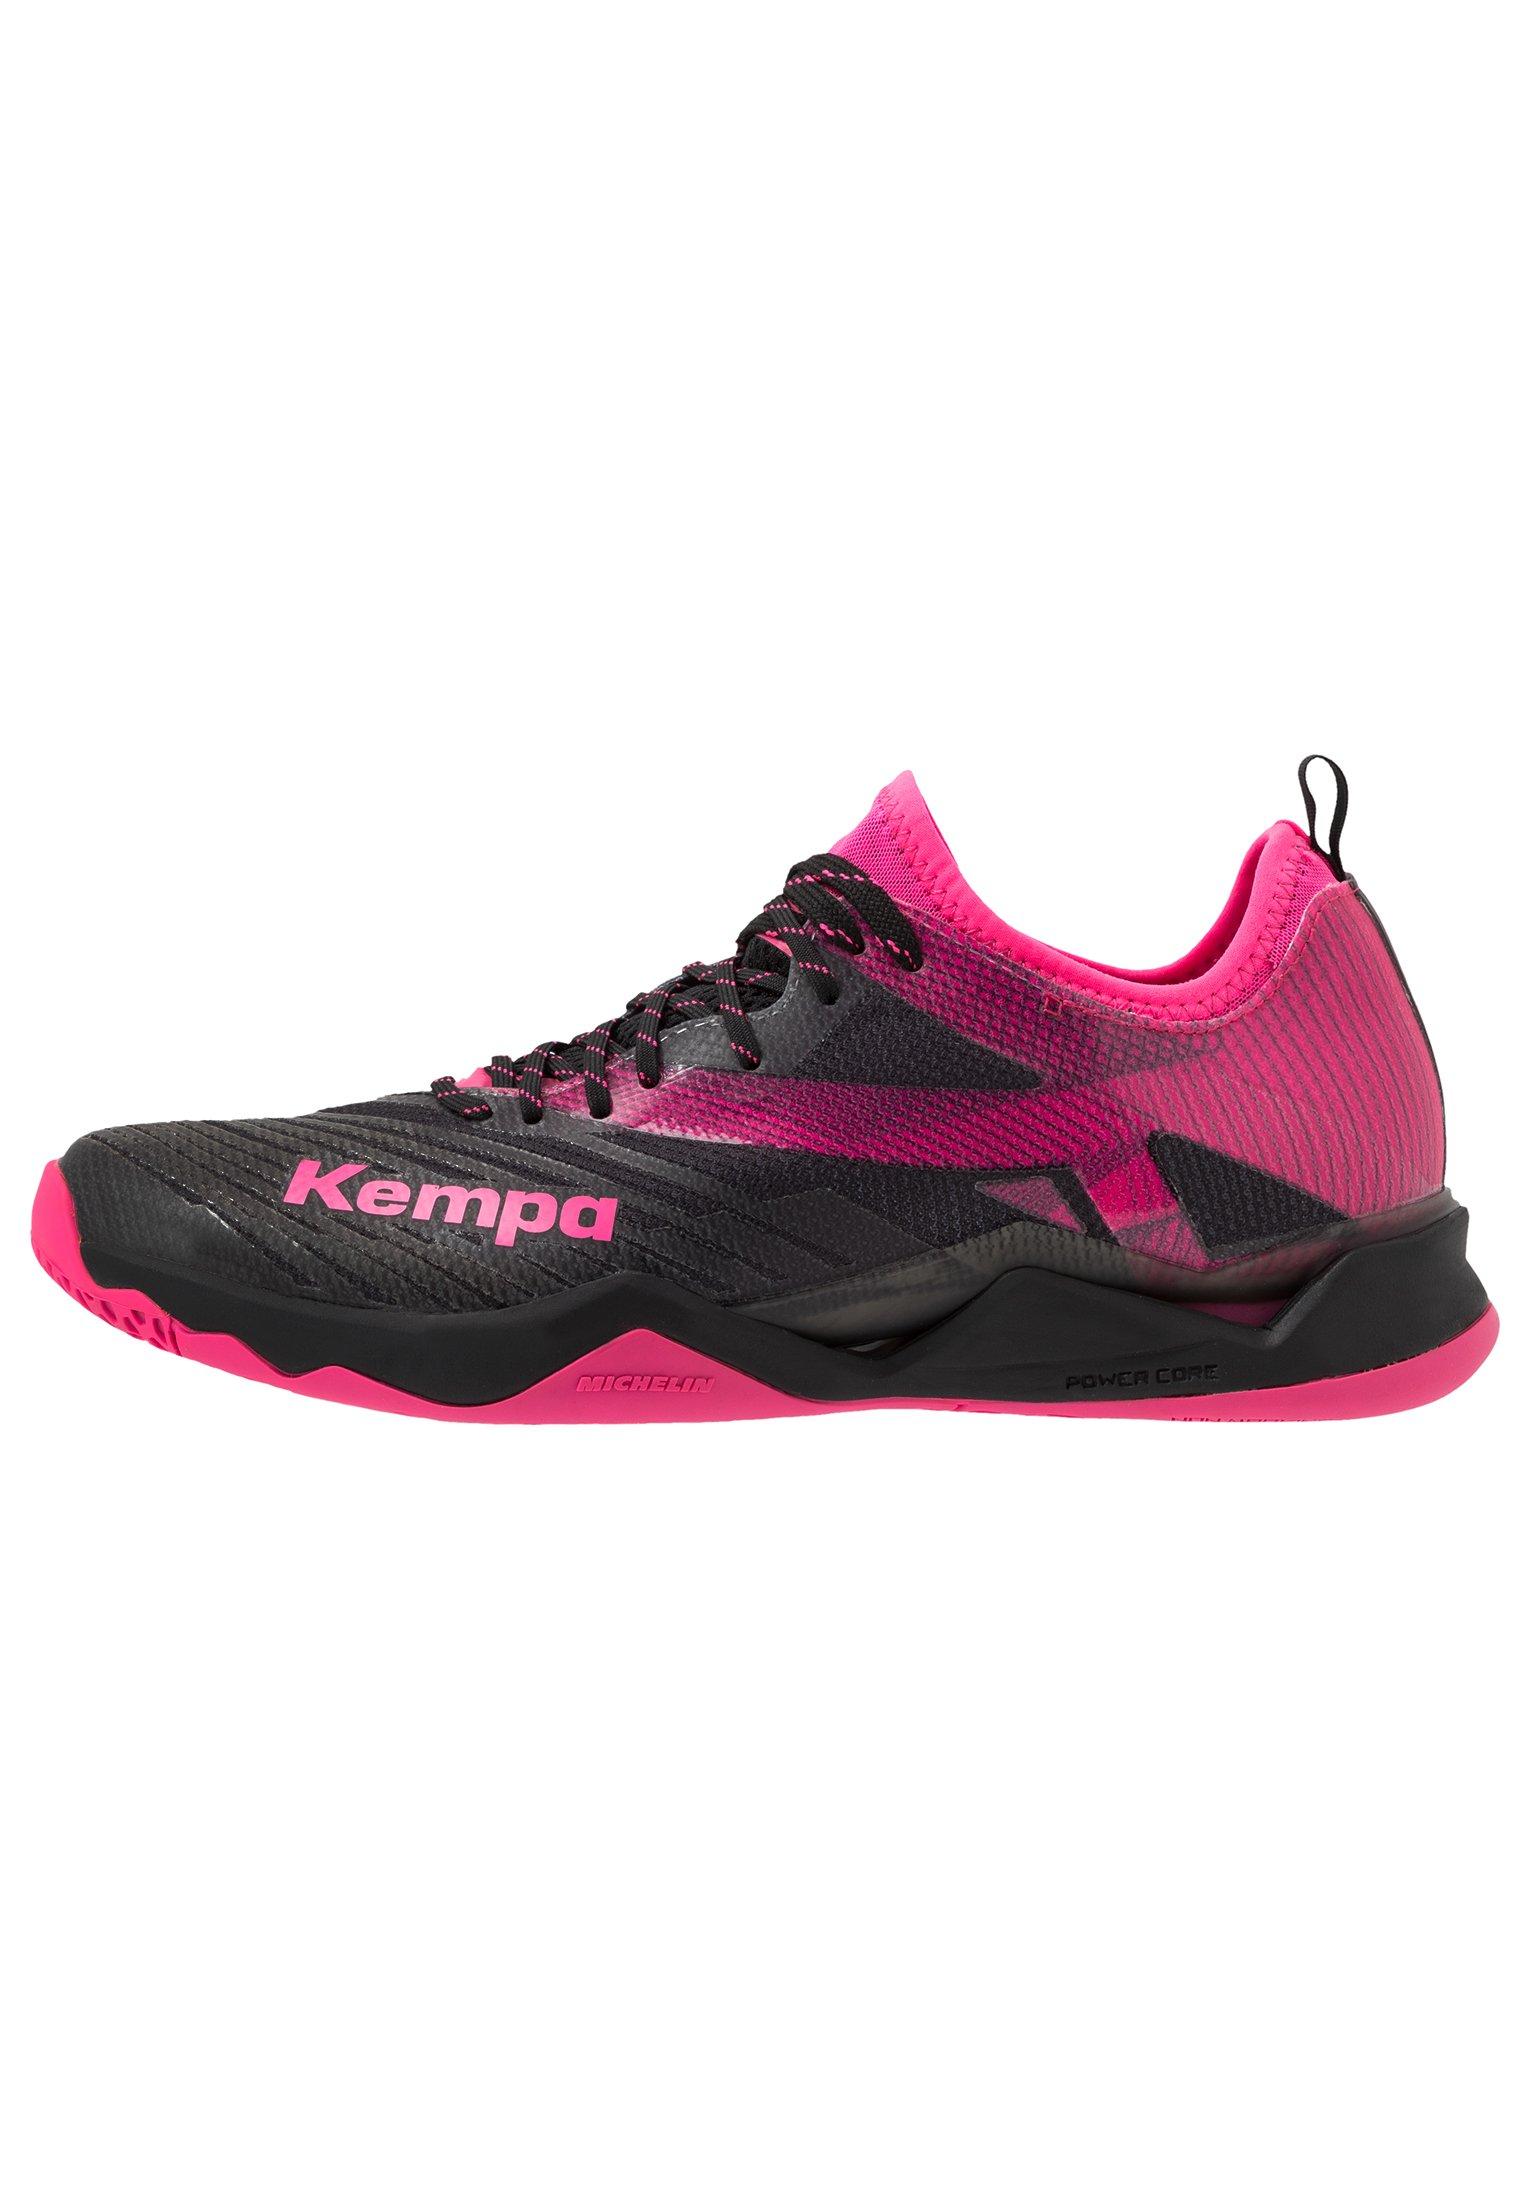 Chaussures femme Kempa   Livraison gratuite avec Zalando